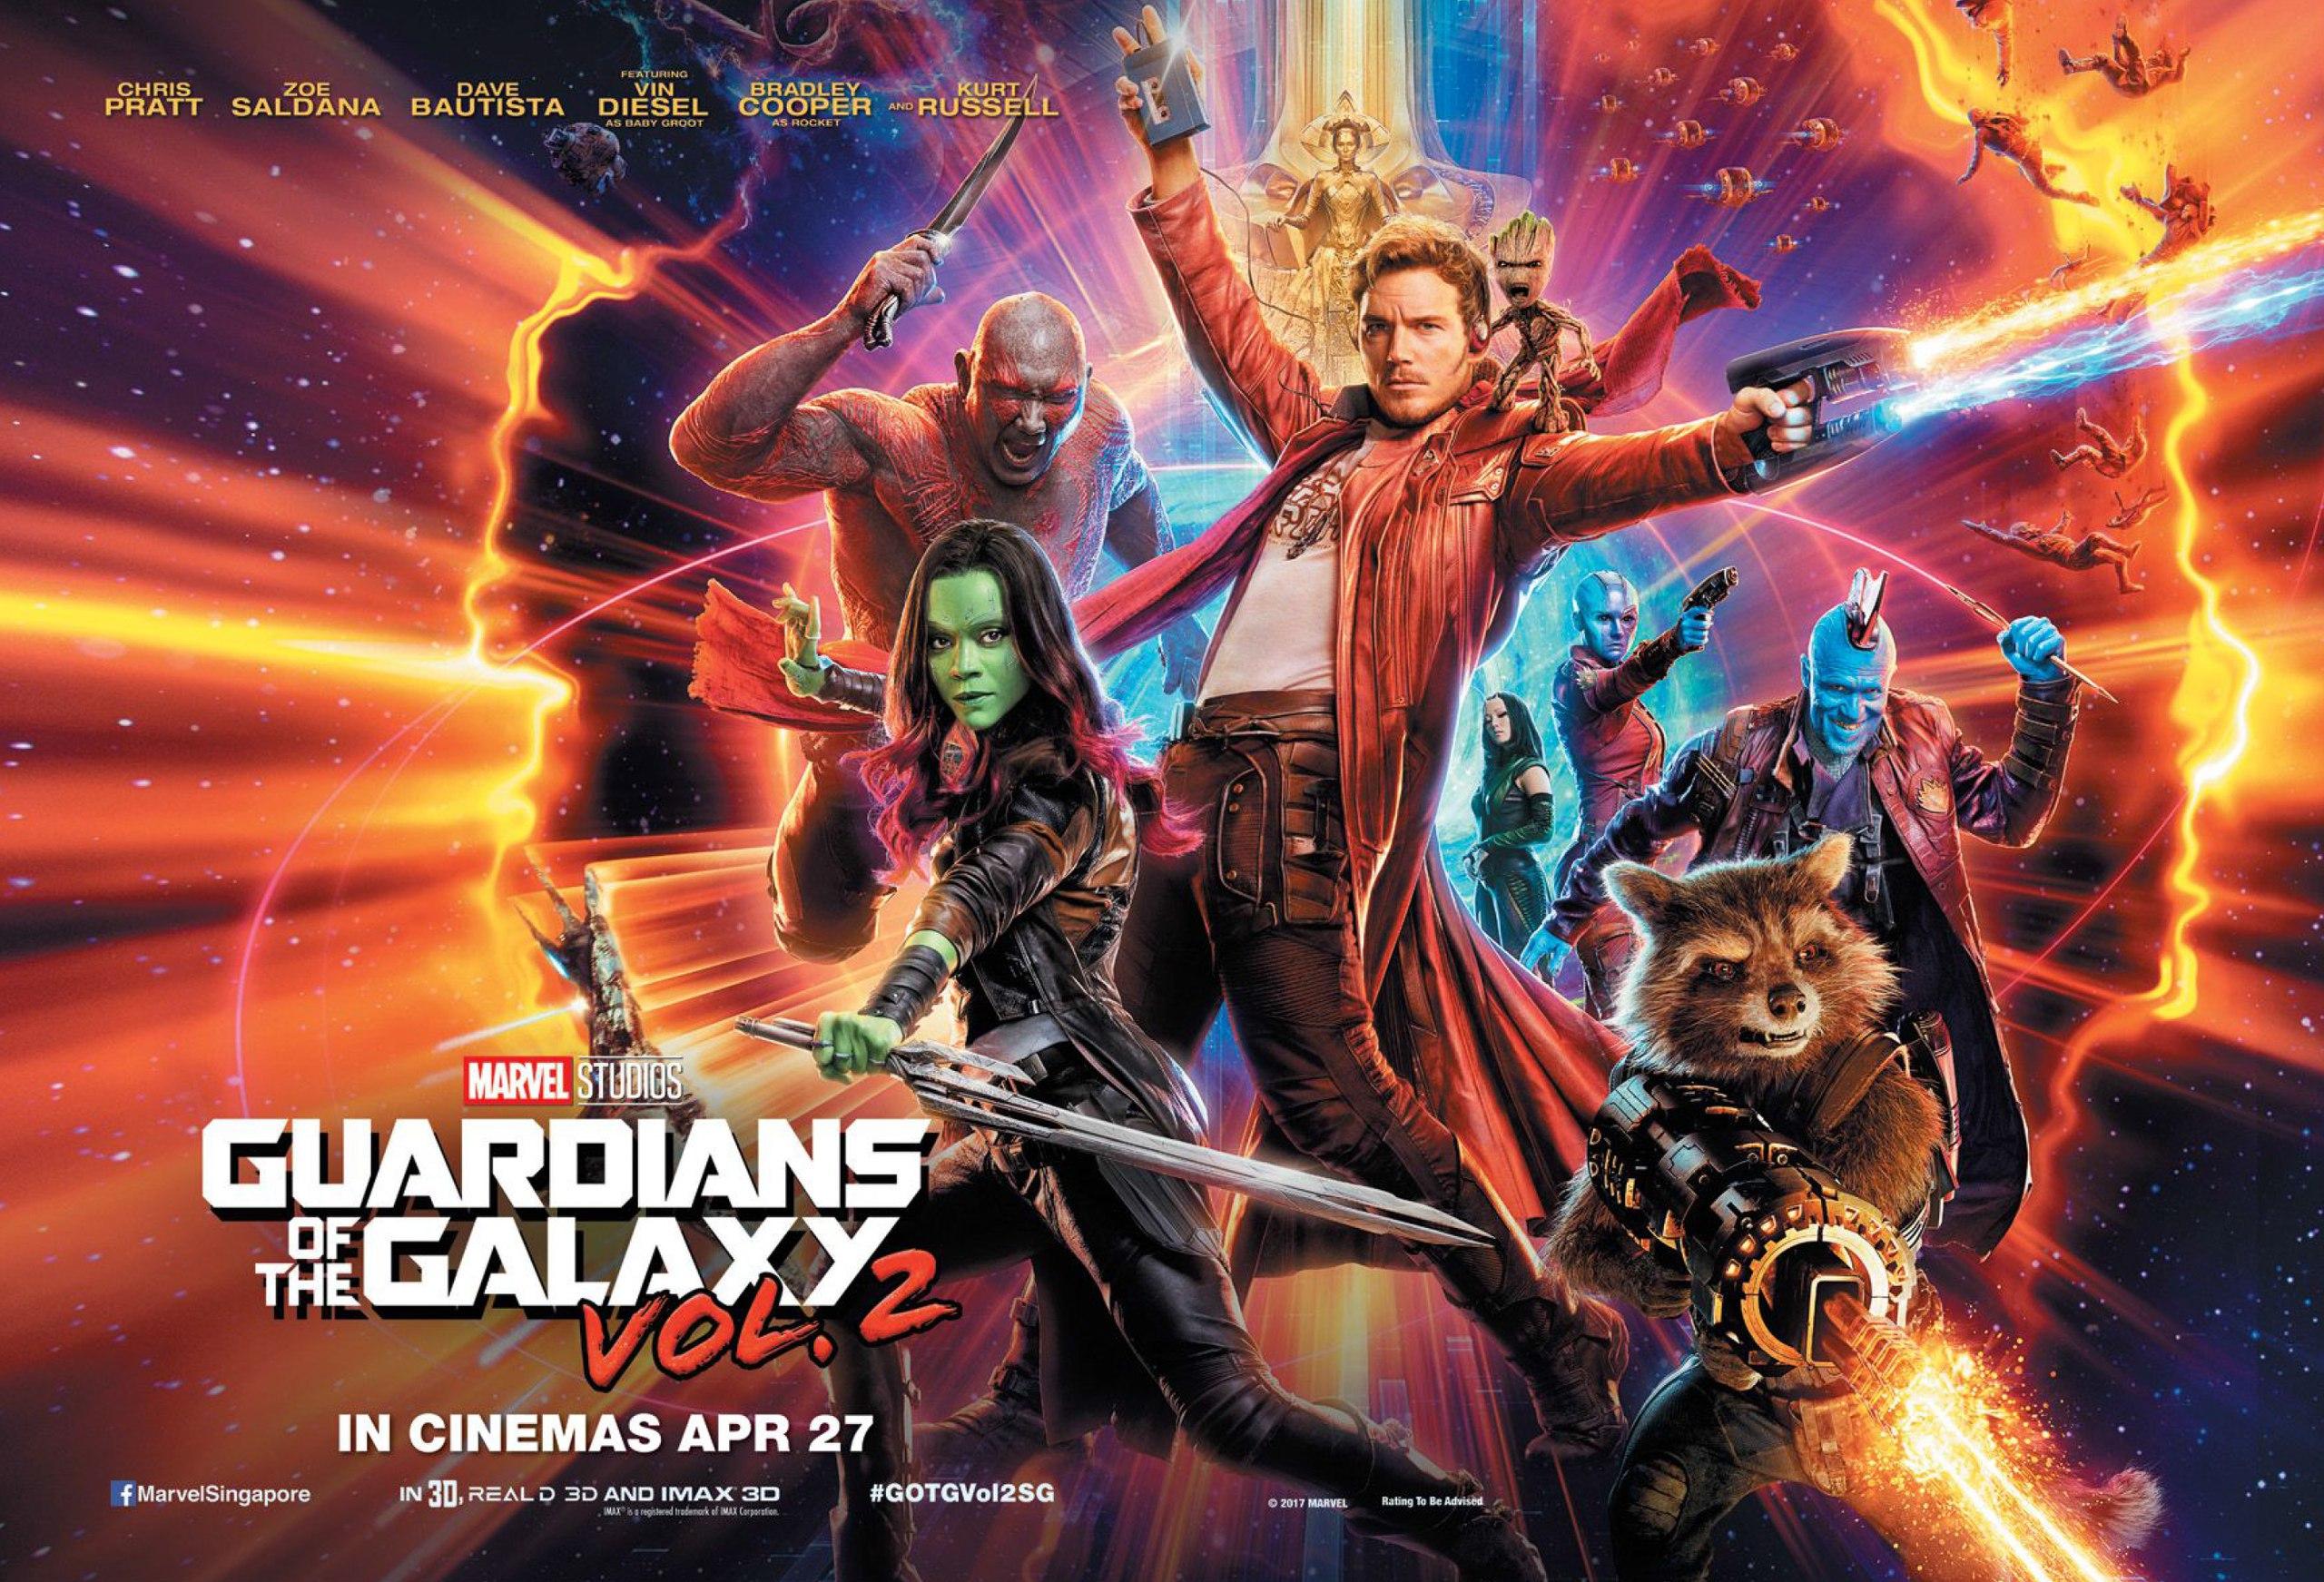 Znalezione obrazy dla zapytania guardians of the galaxy vol 2